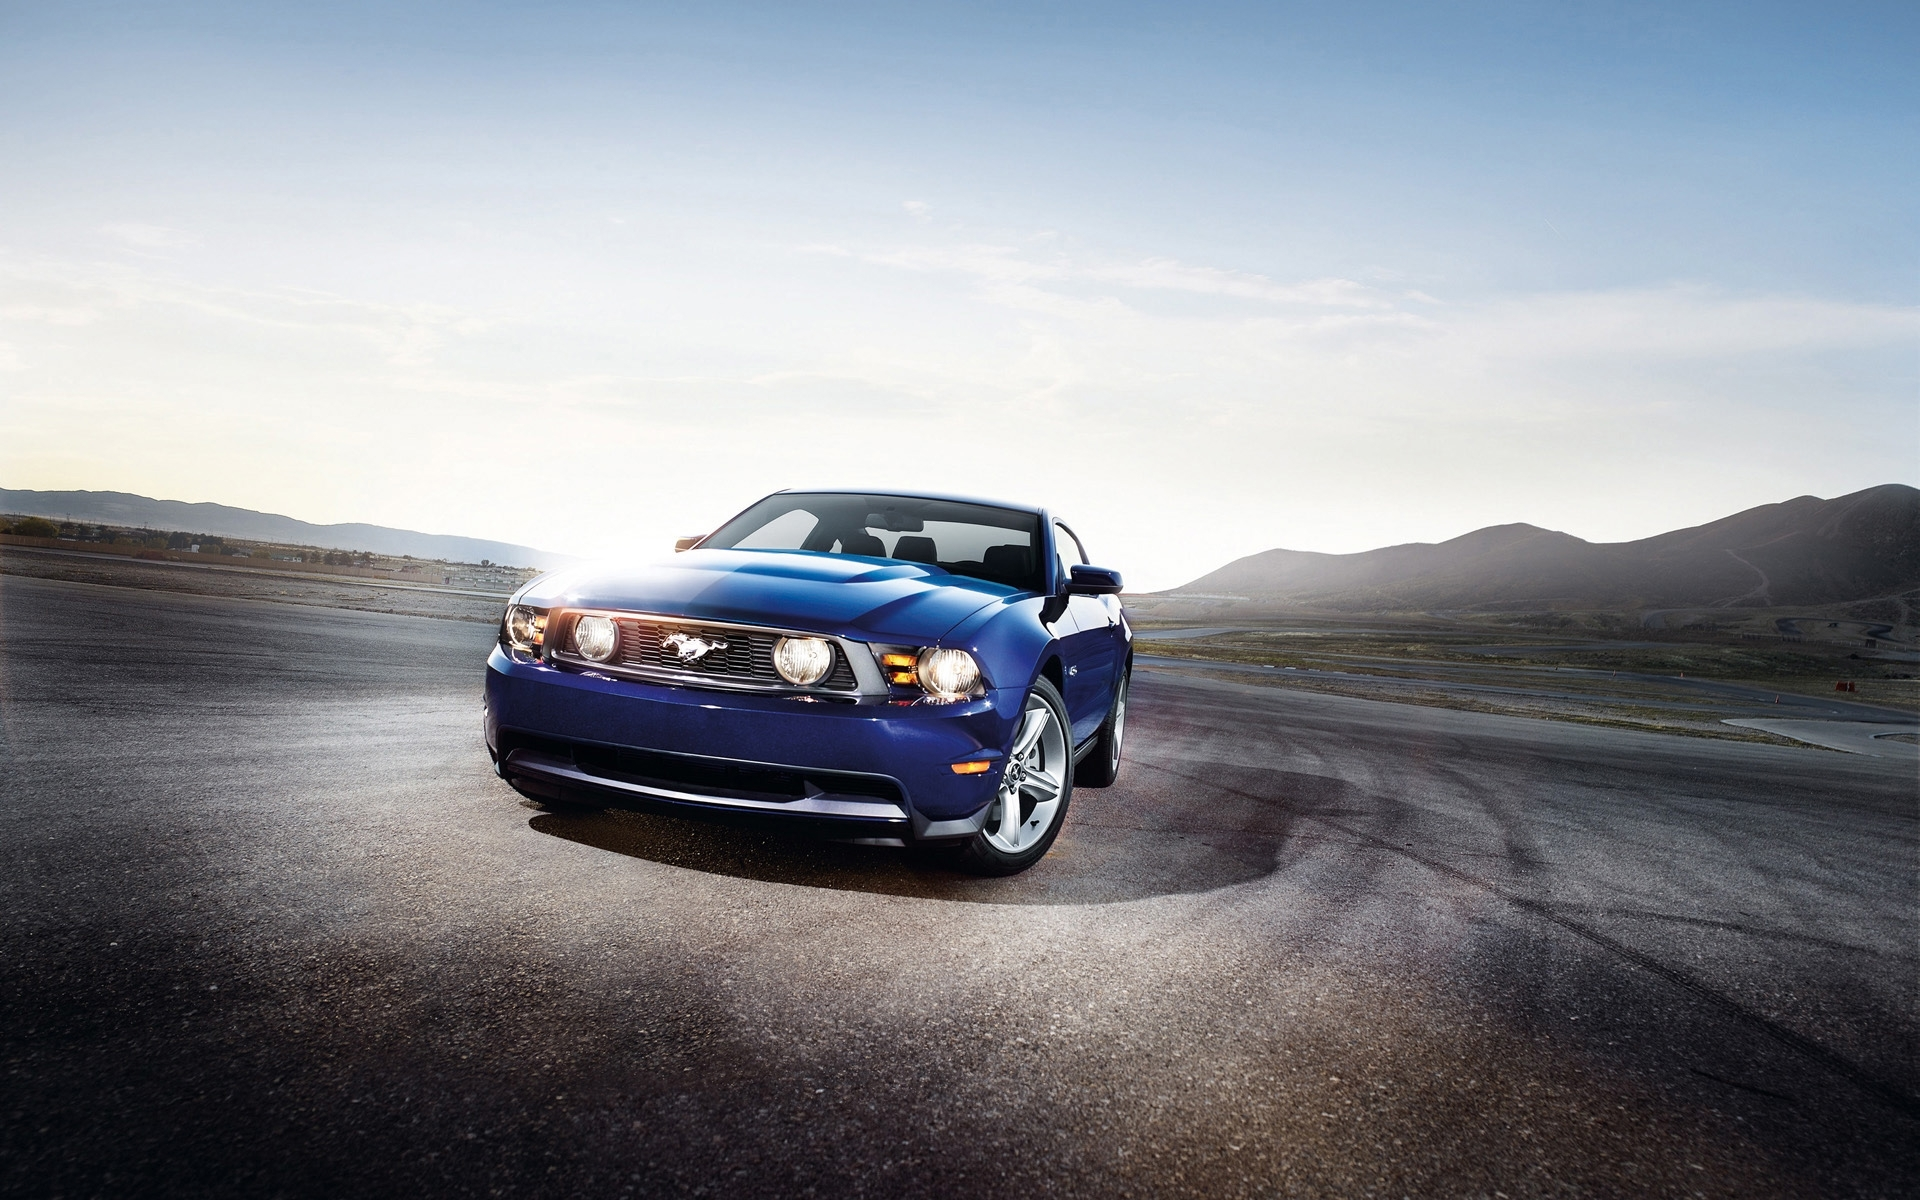 30970 Заставки и Обои Мустанг (Mustang) на телефон. Скачать Мустанг (Mustang), Транспорт, Машины картинки бесплатно